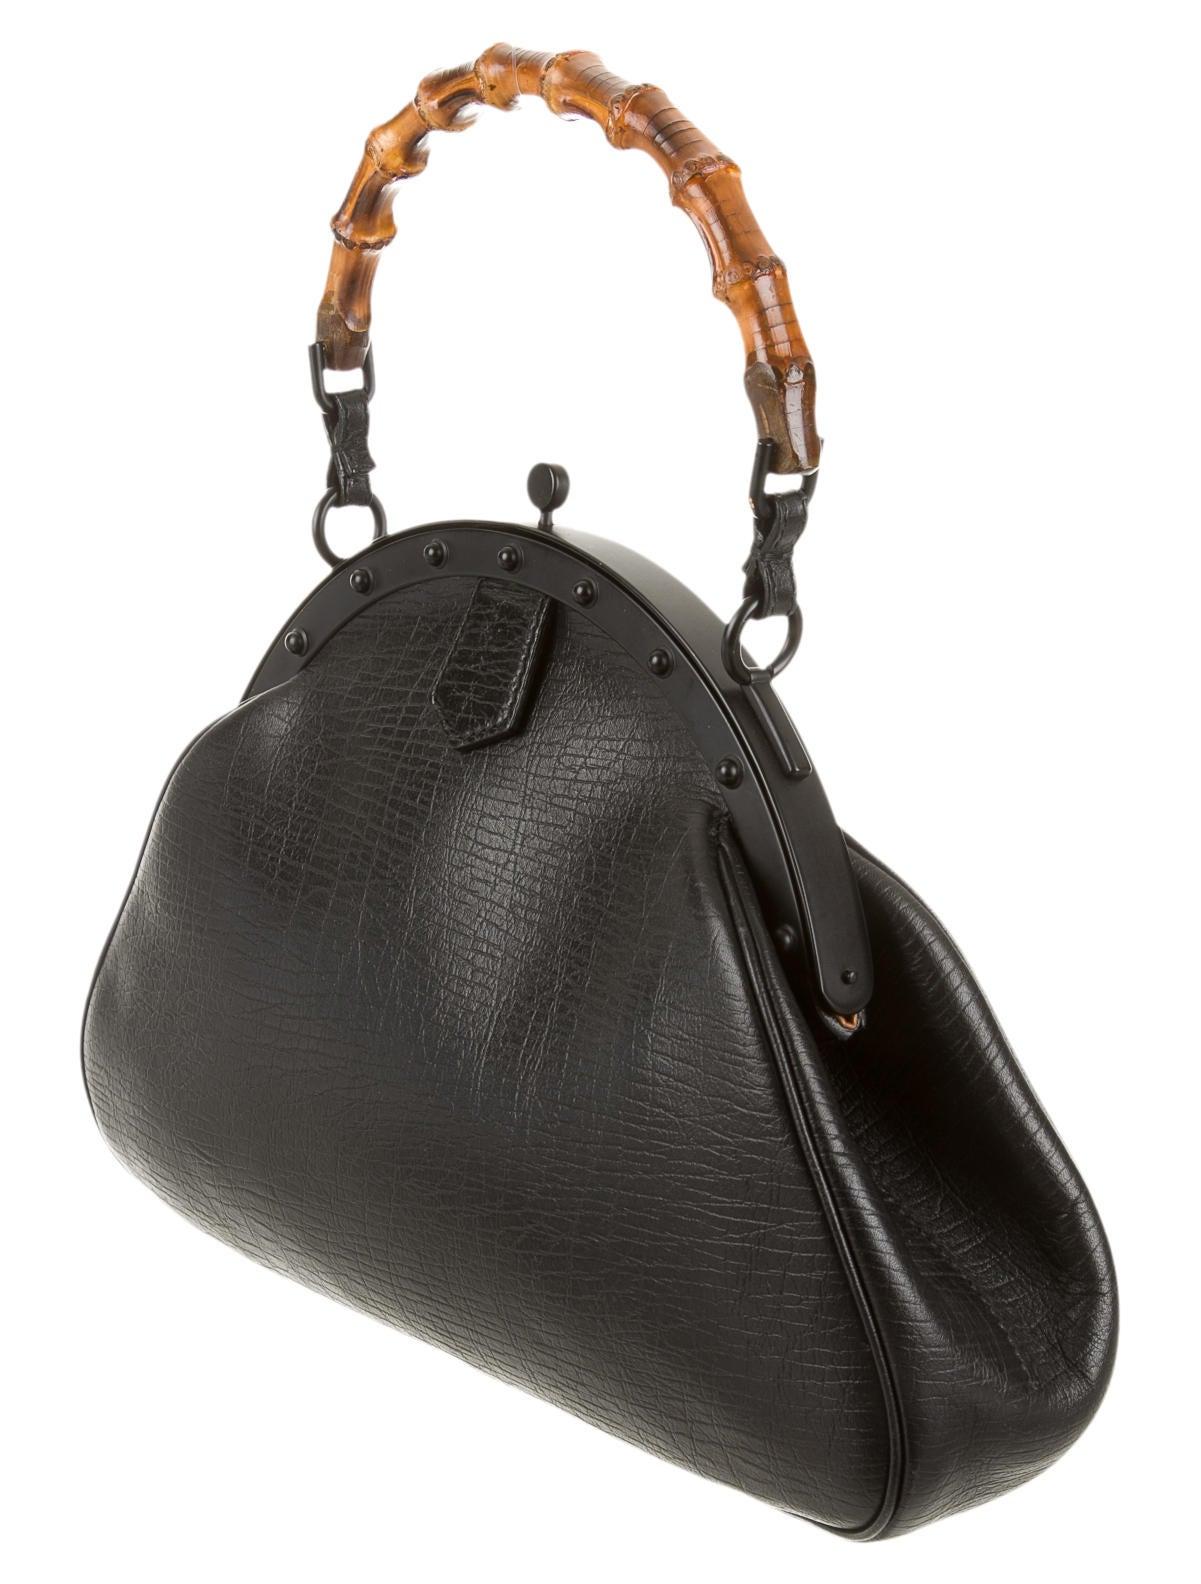 Gucci Bamboo Ring Bag Handbags Guc66182 The Realreal